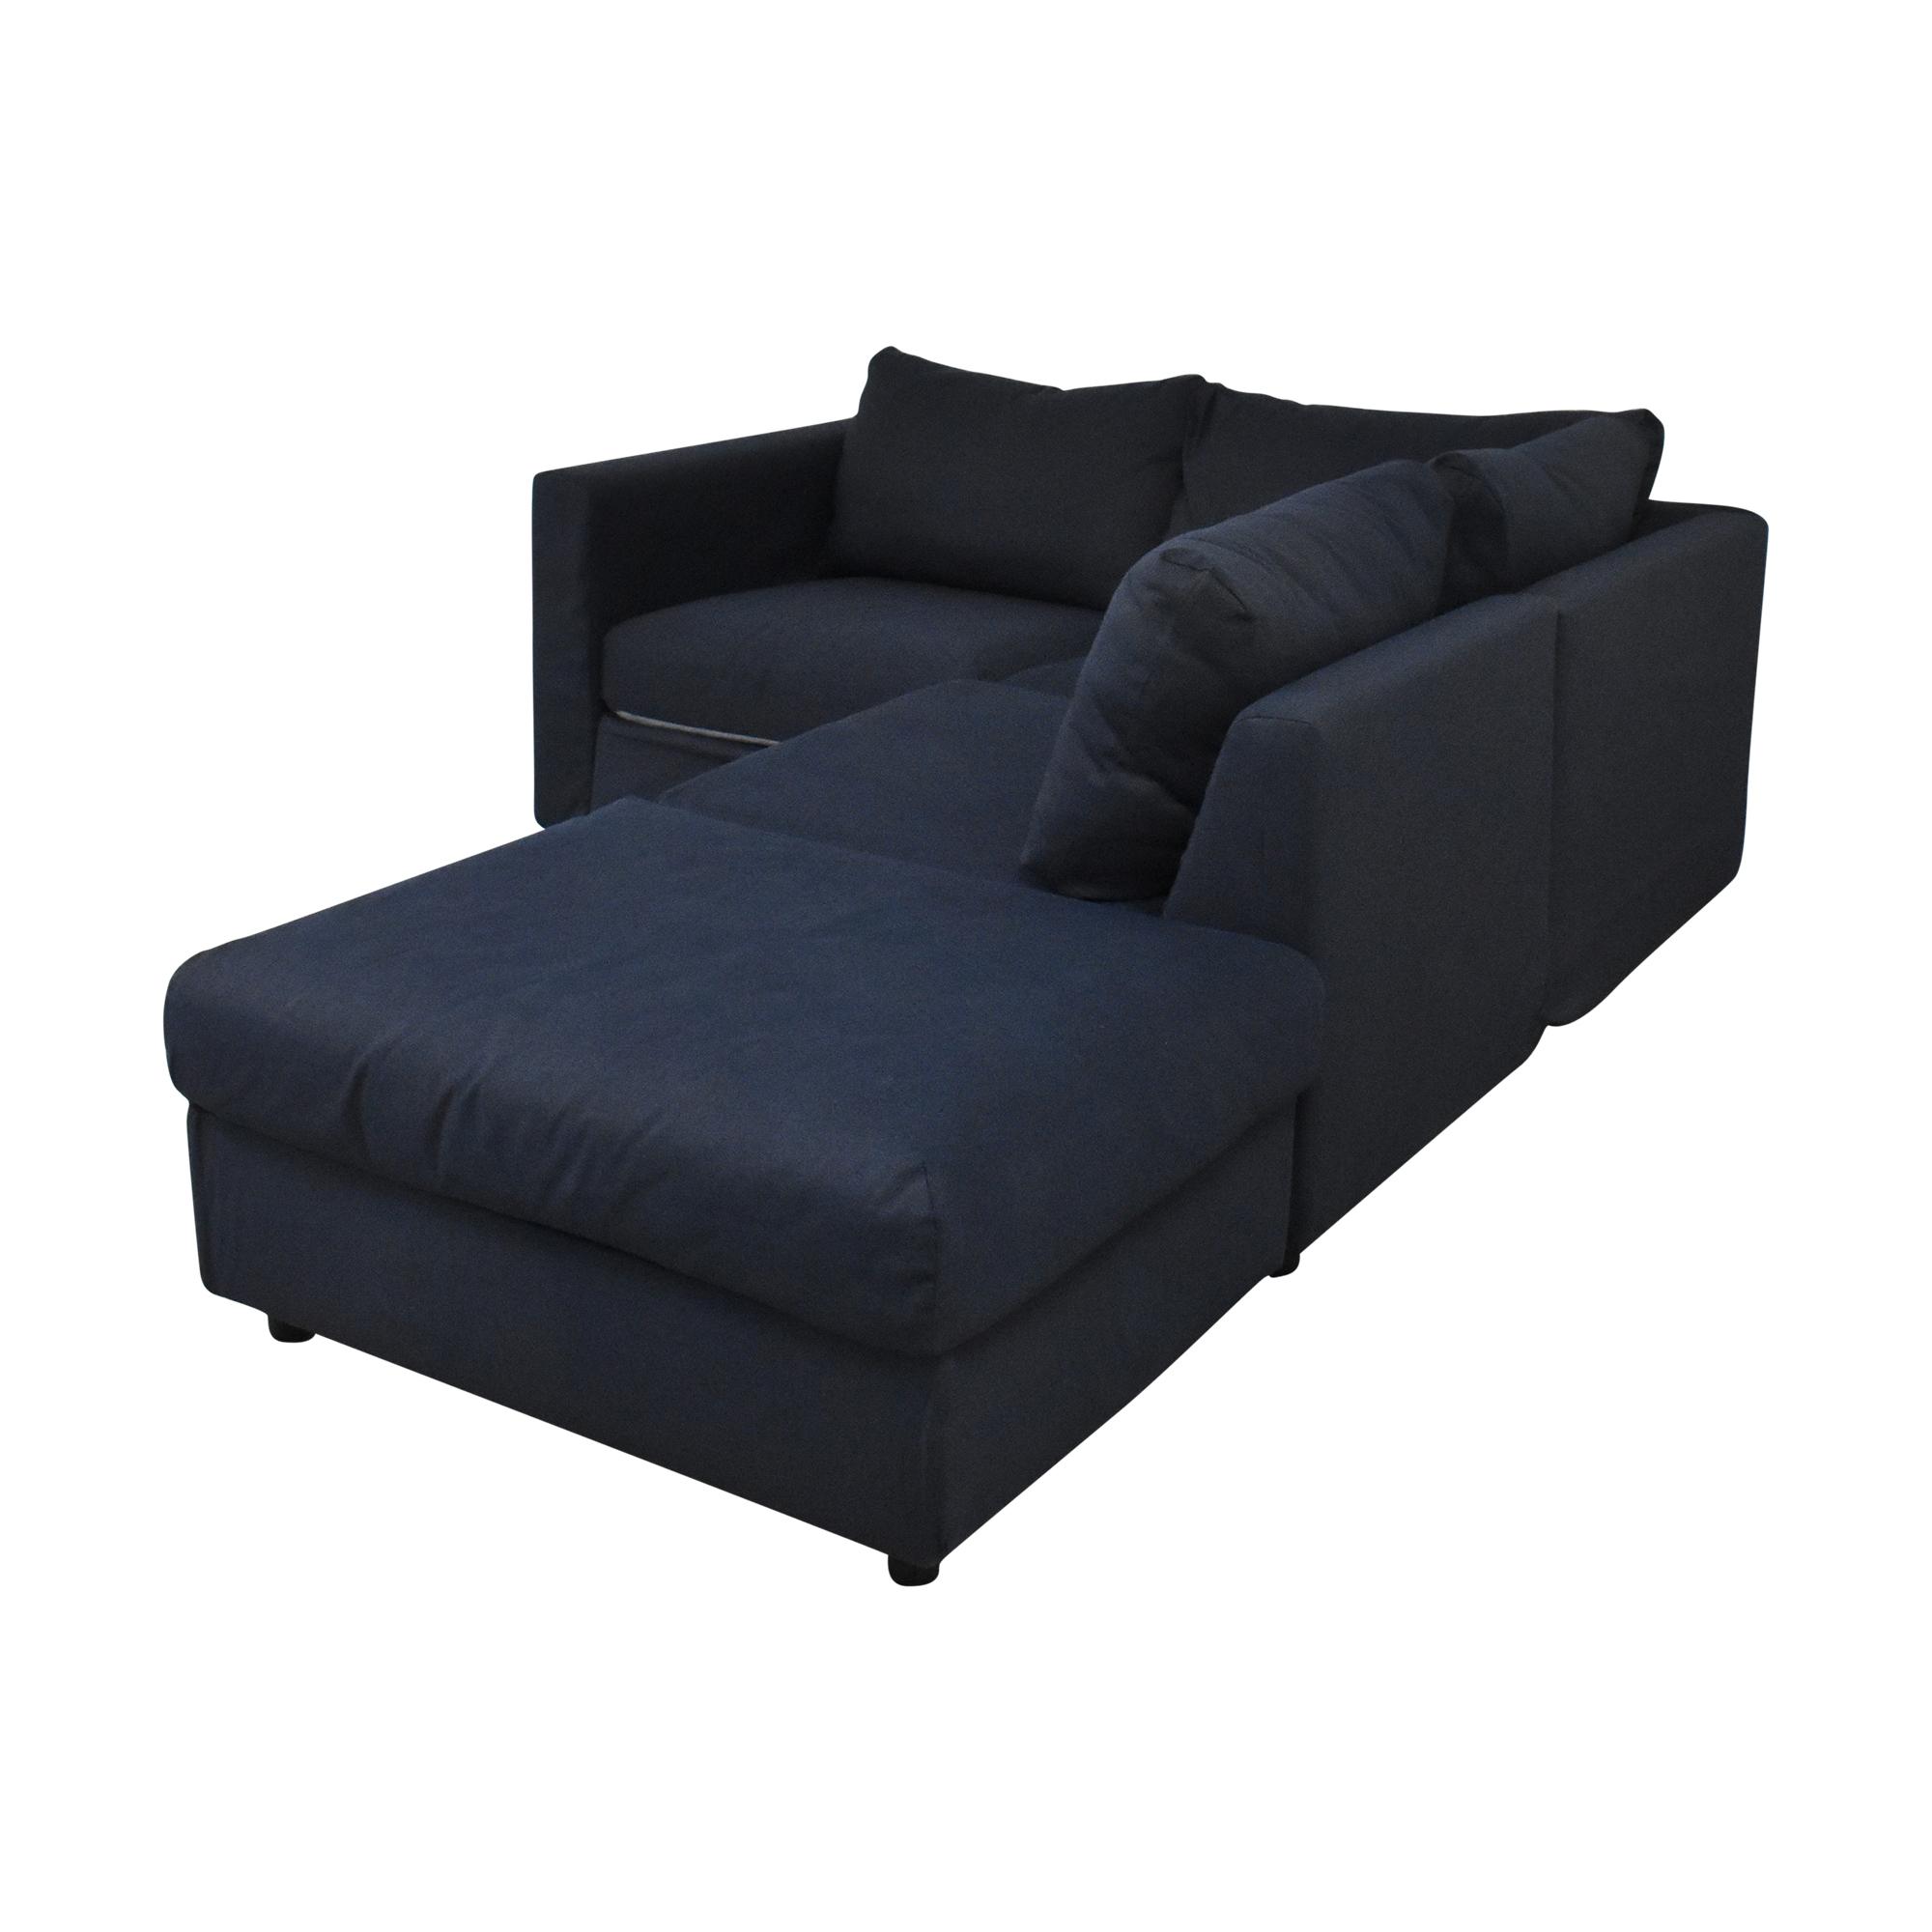 IKEA VIMLE Sectional Sofa sale